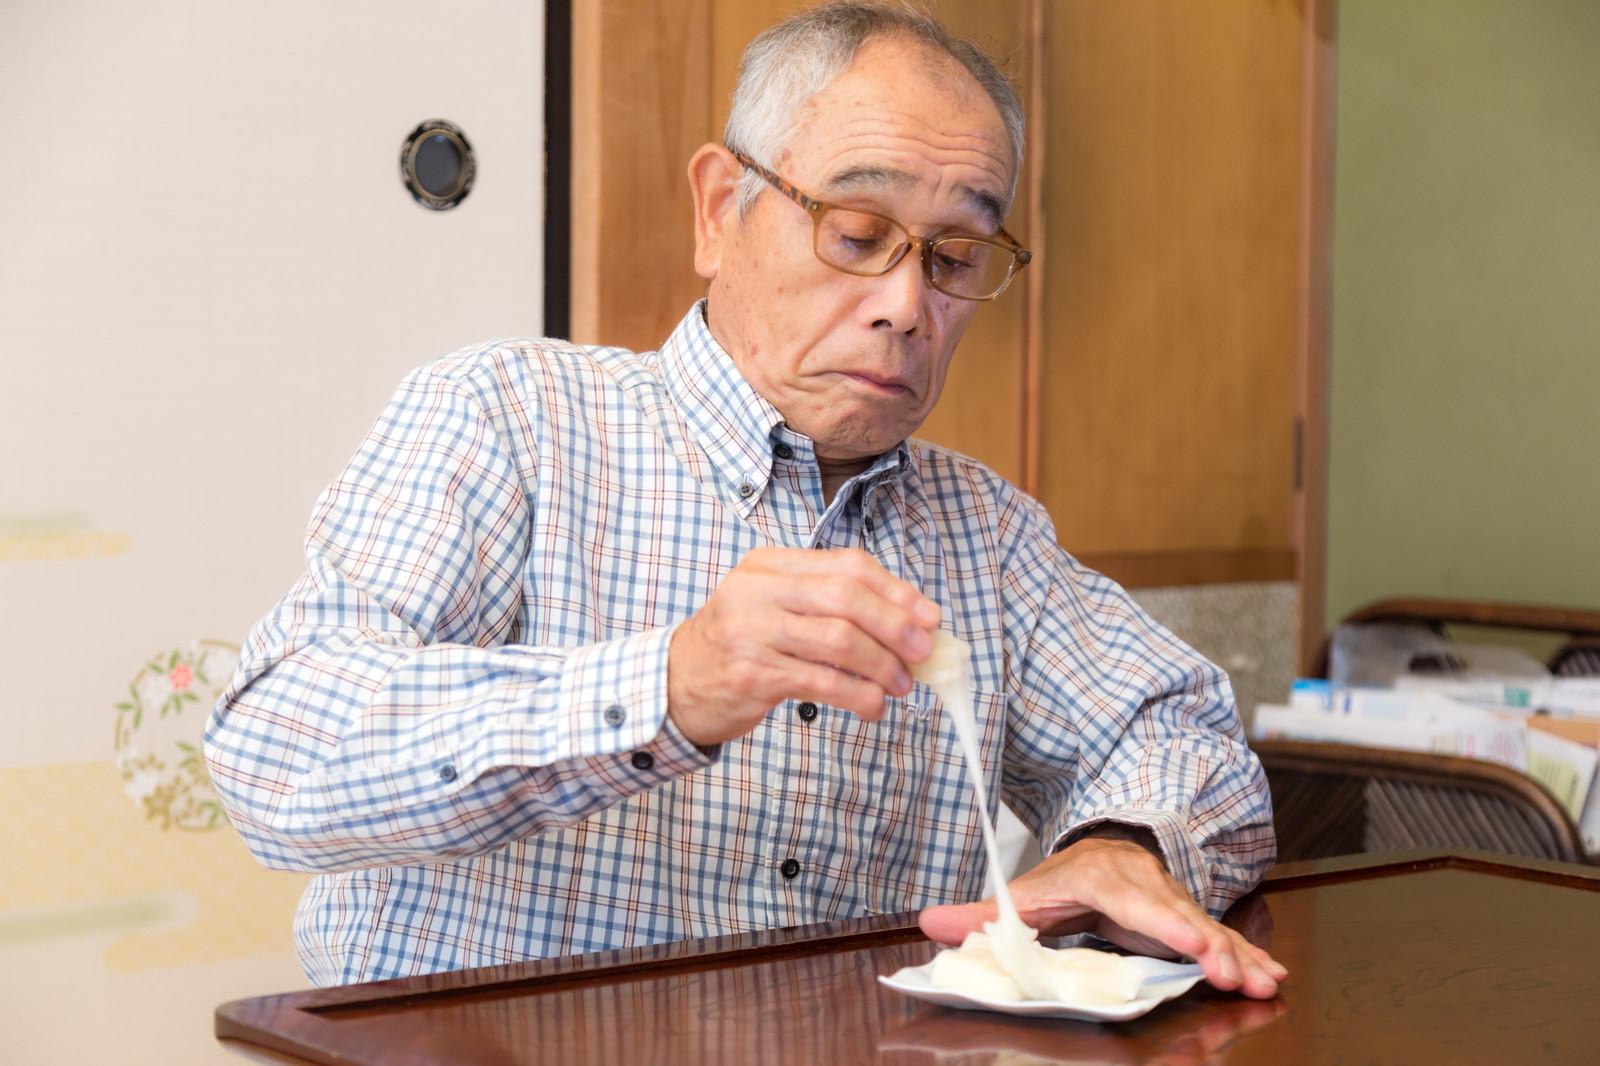 「手づかみで伸びるお餅を食べようとする爺さん」の写真[モデル:まーちゃん]